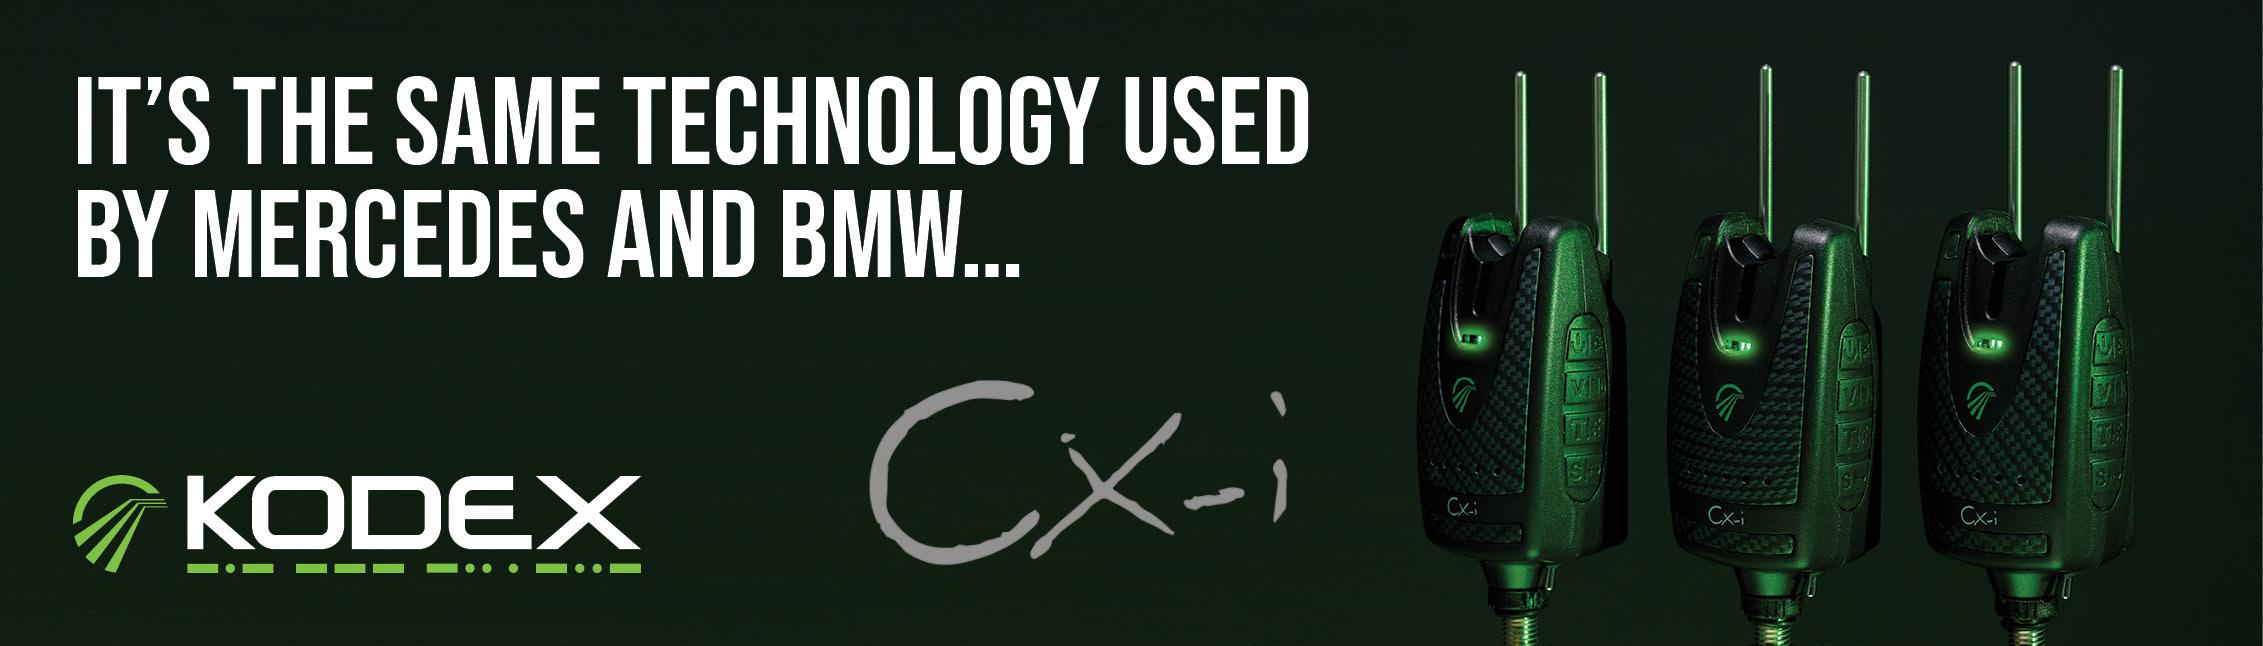 Kodex CX-i